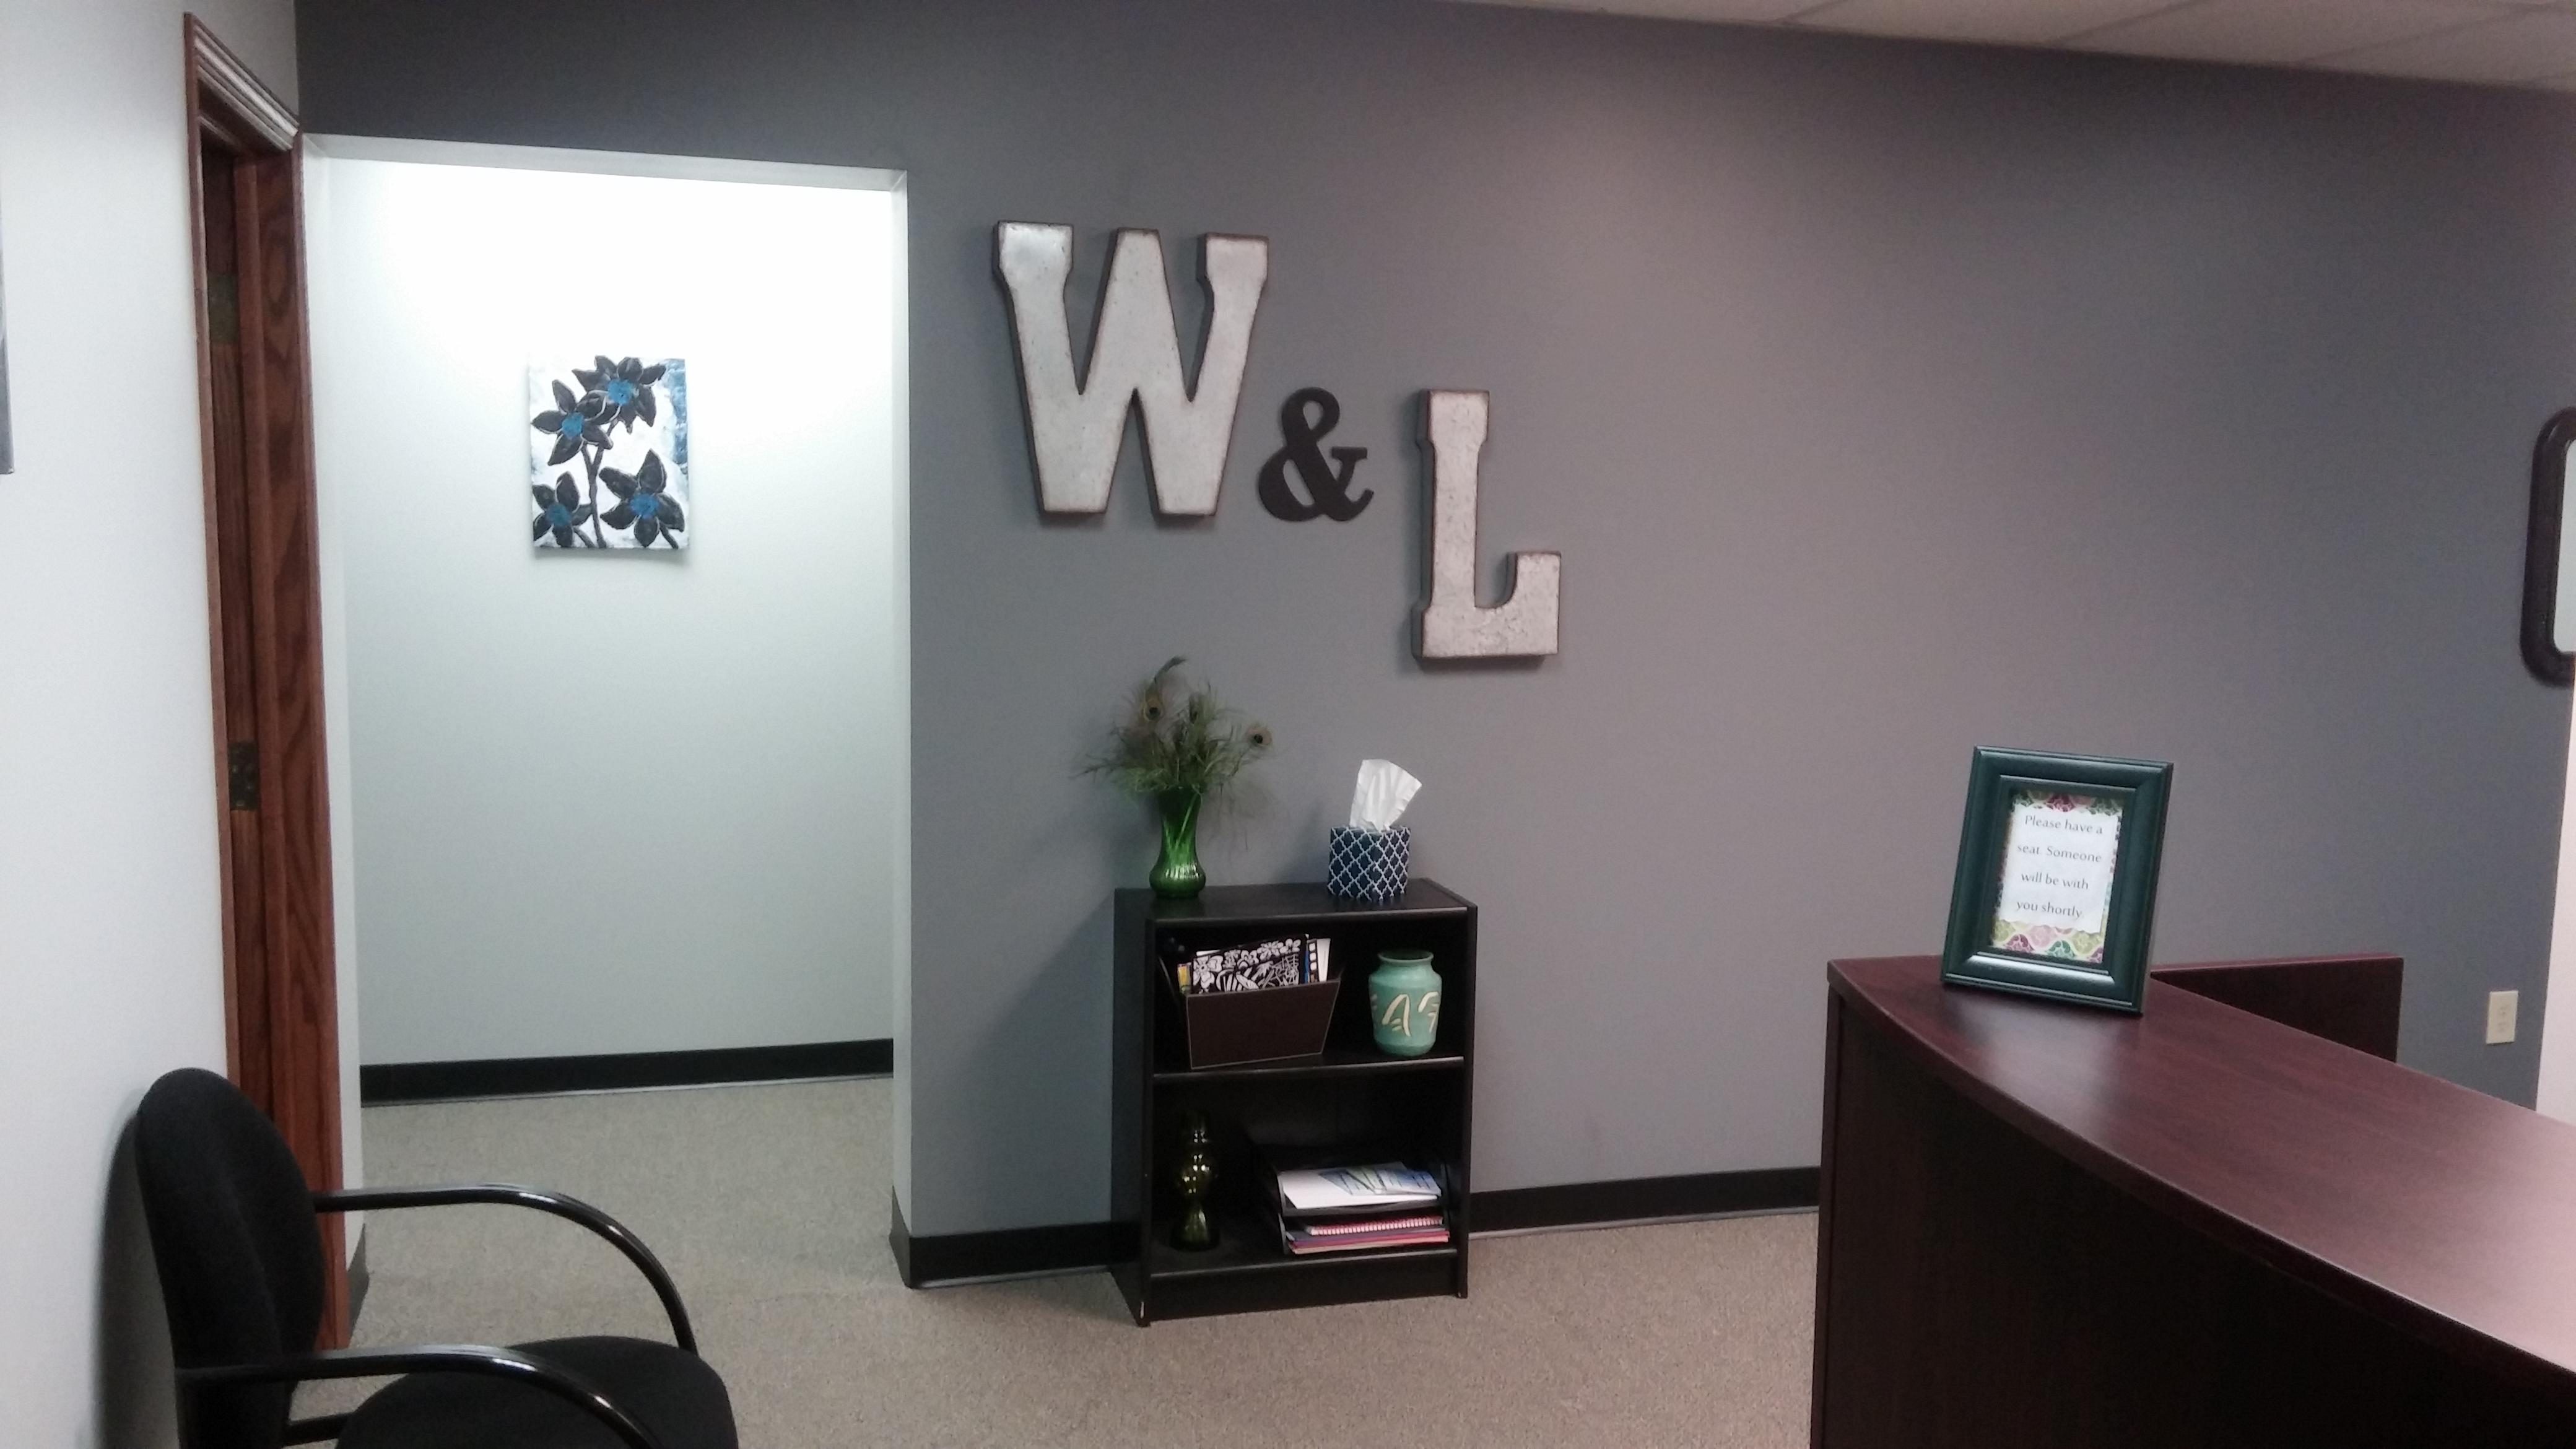 Wood & Long LLC